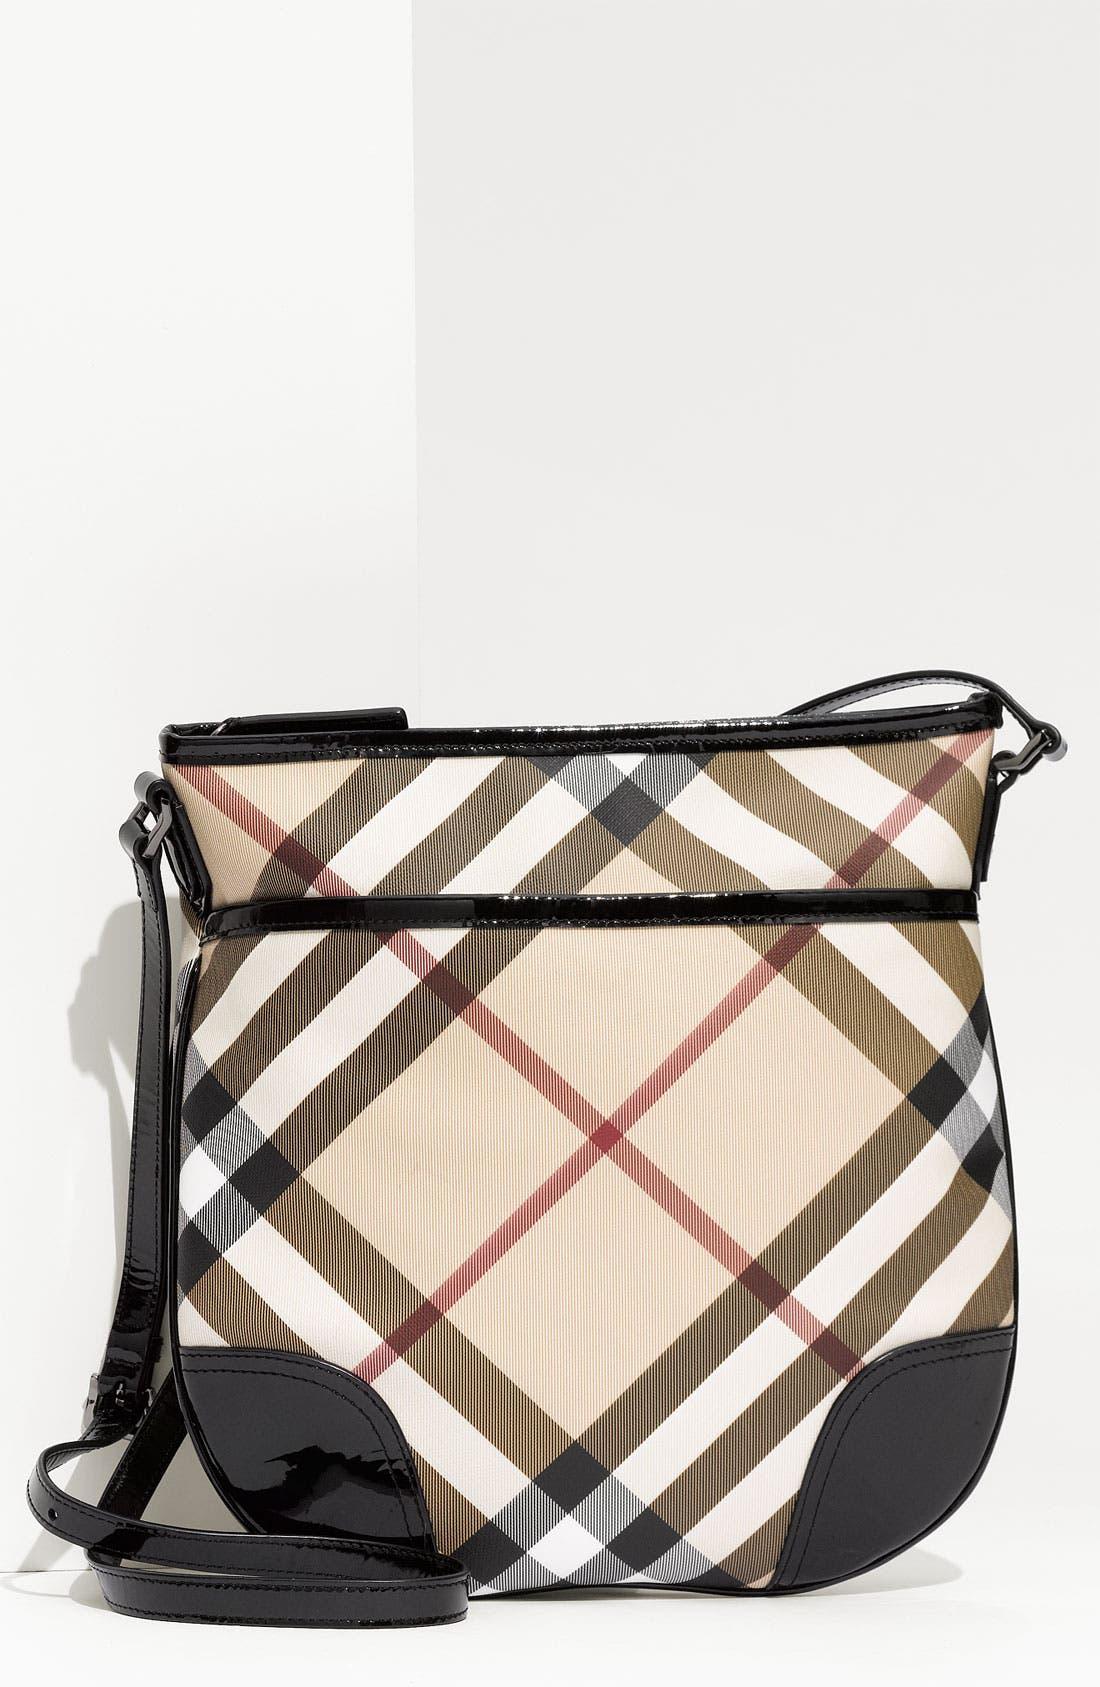 Main Image - Burberry 'Nova Check' Crossbody Bag